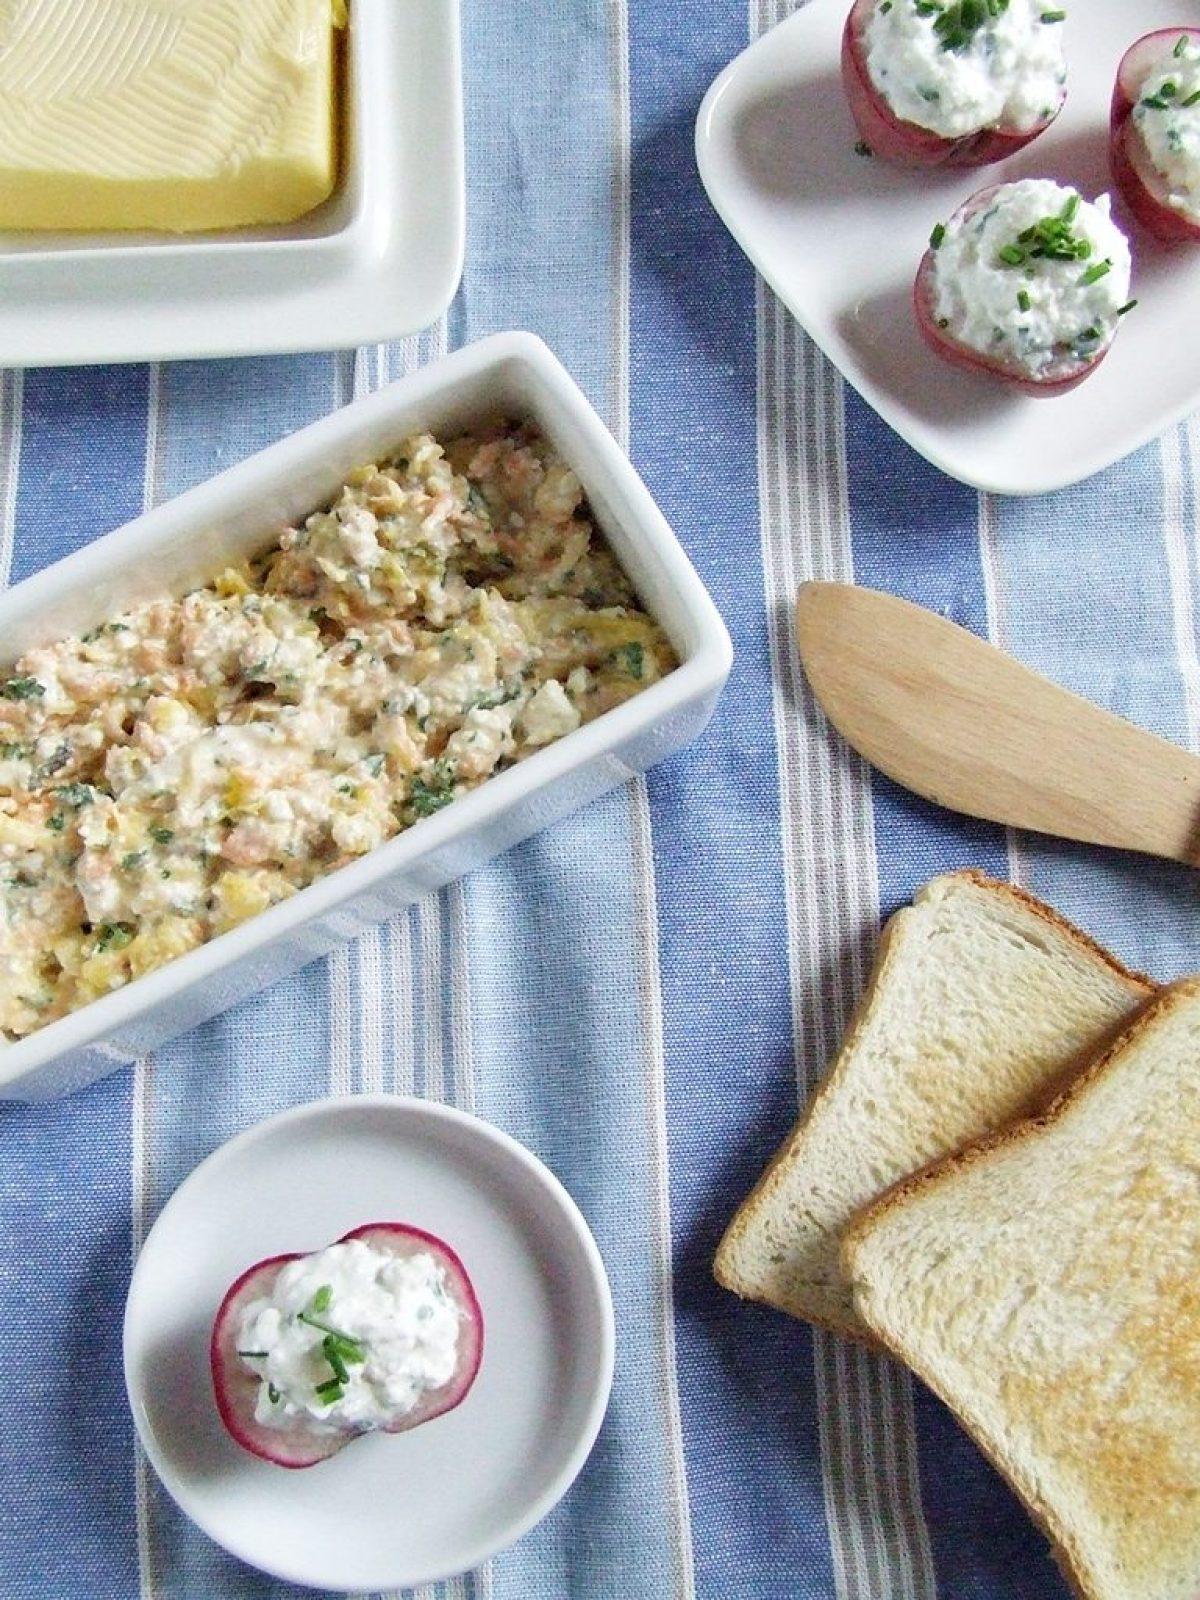 Twarożek z dynią i nadziewane rzodkiewki na niedzielne śniadanie – Tydzień Dyni